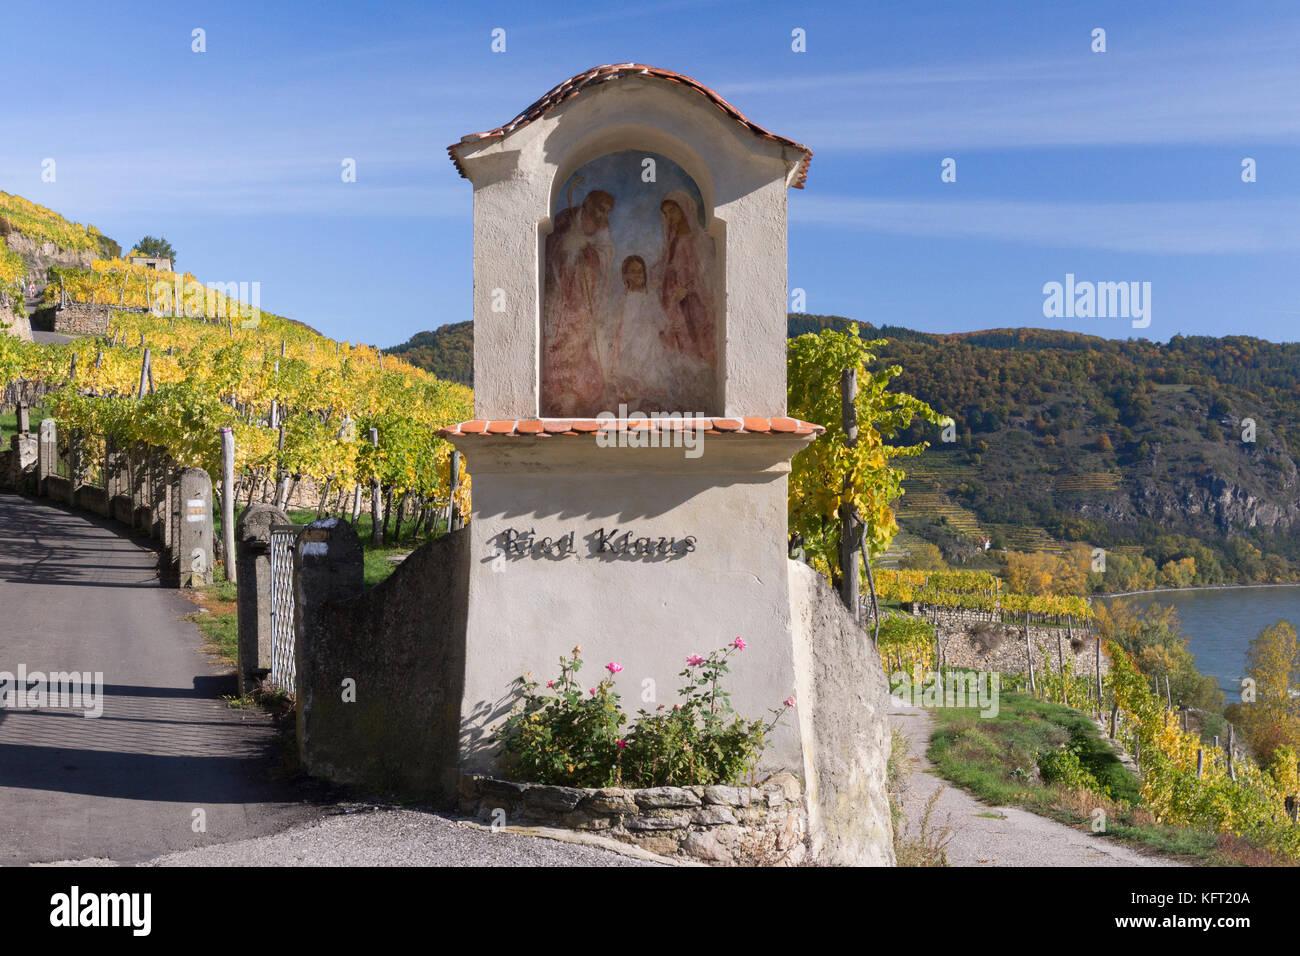 Ein marterl (bildstock) in die Wachau, Niederösterreich Stockbild